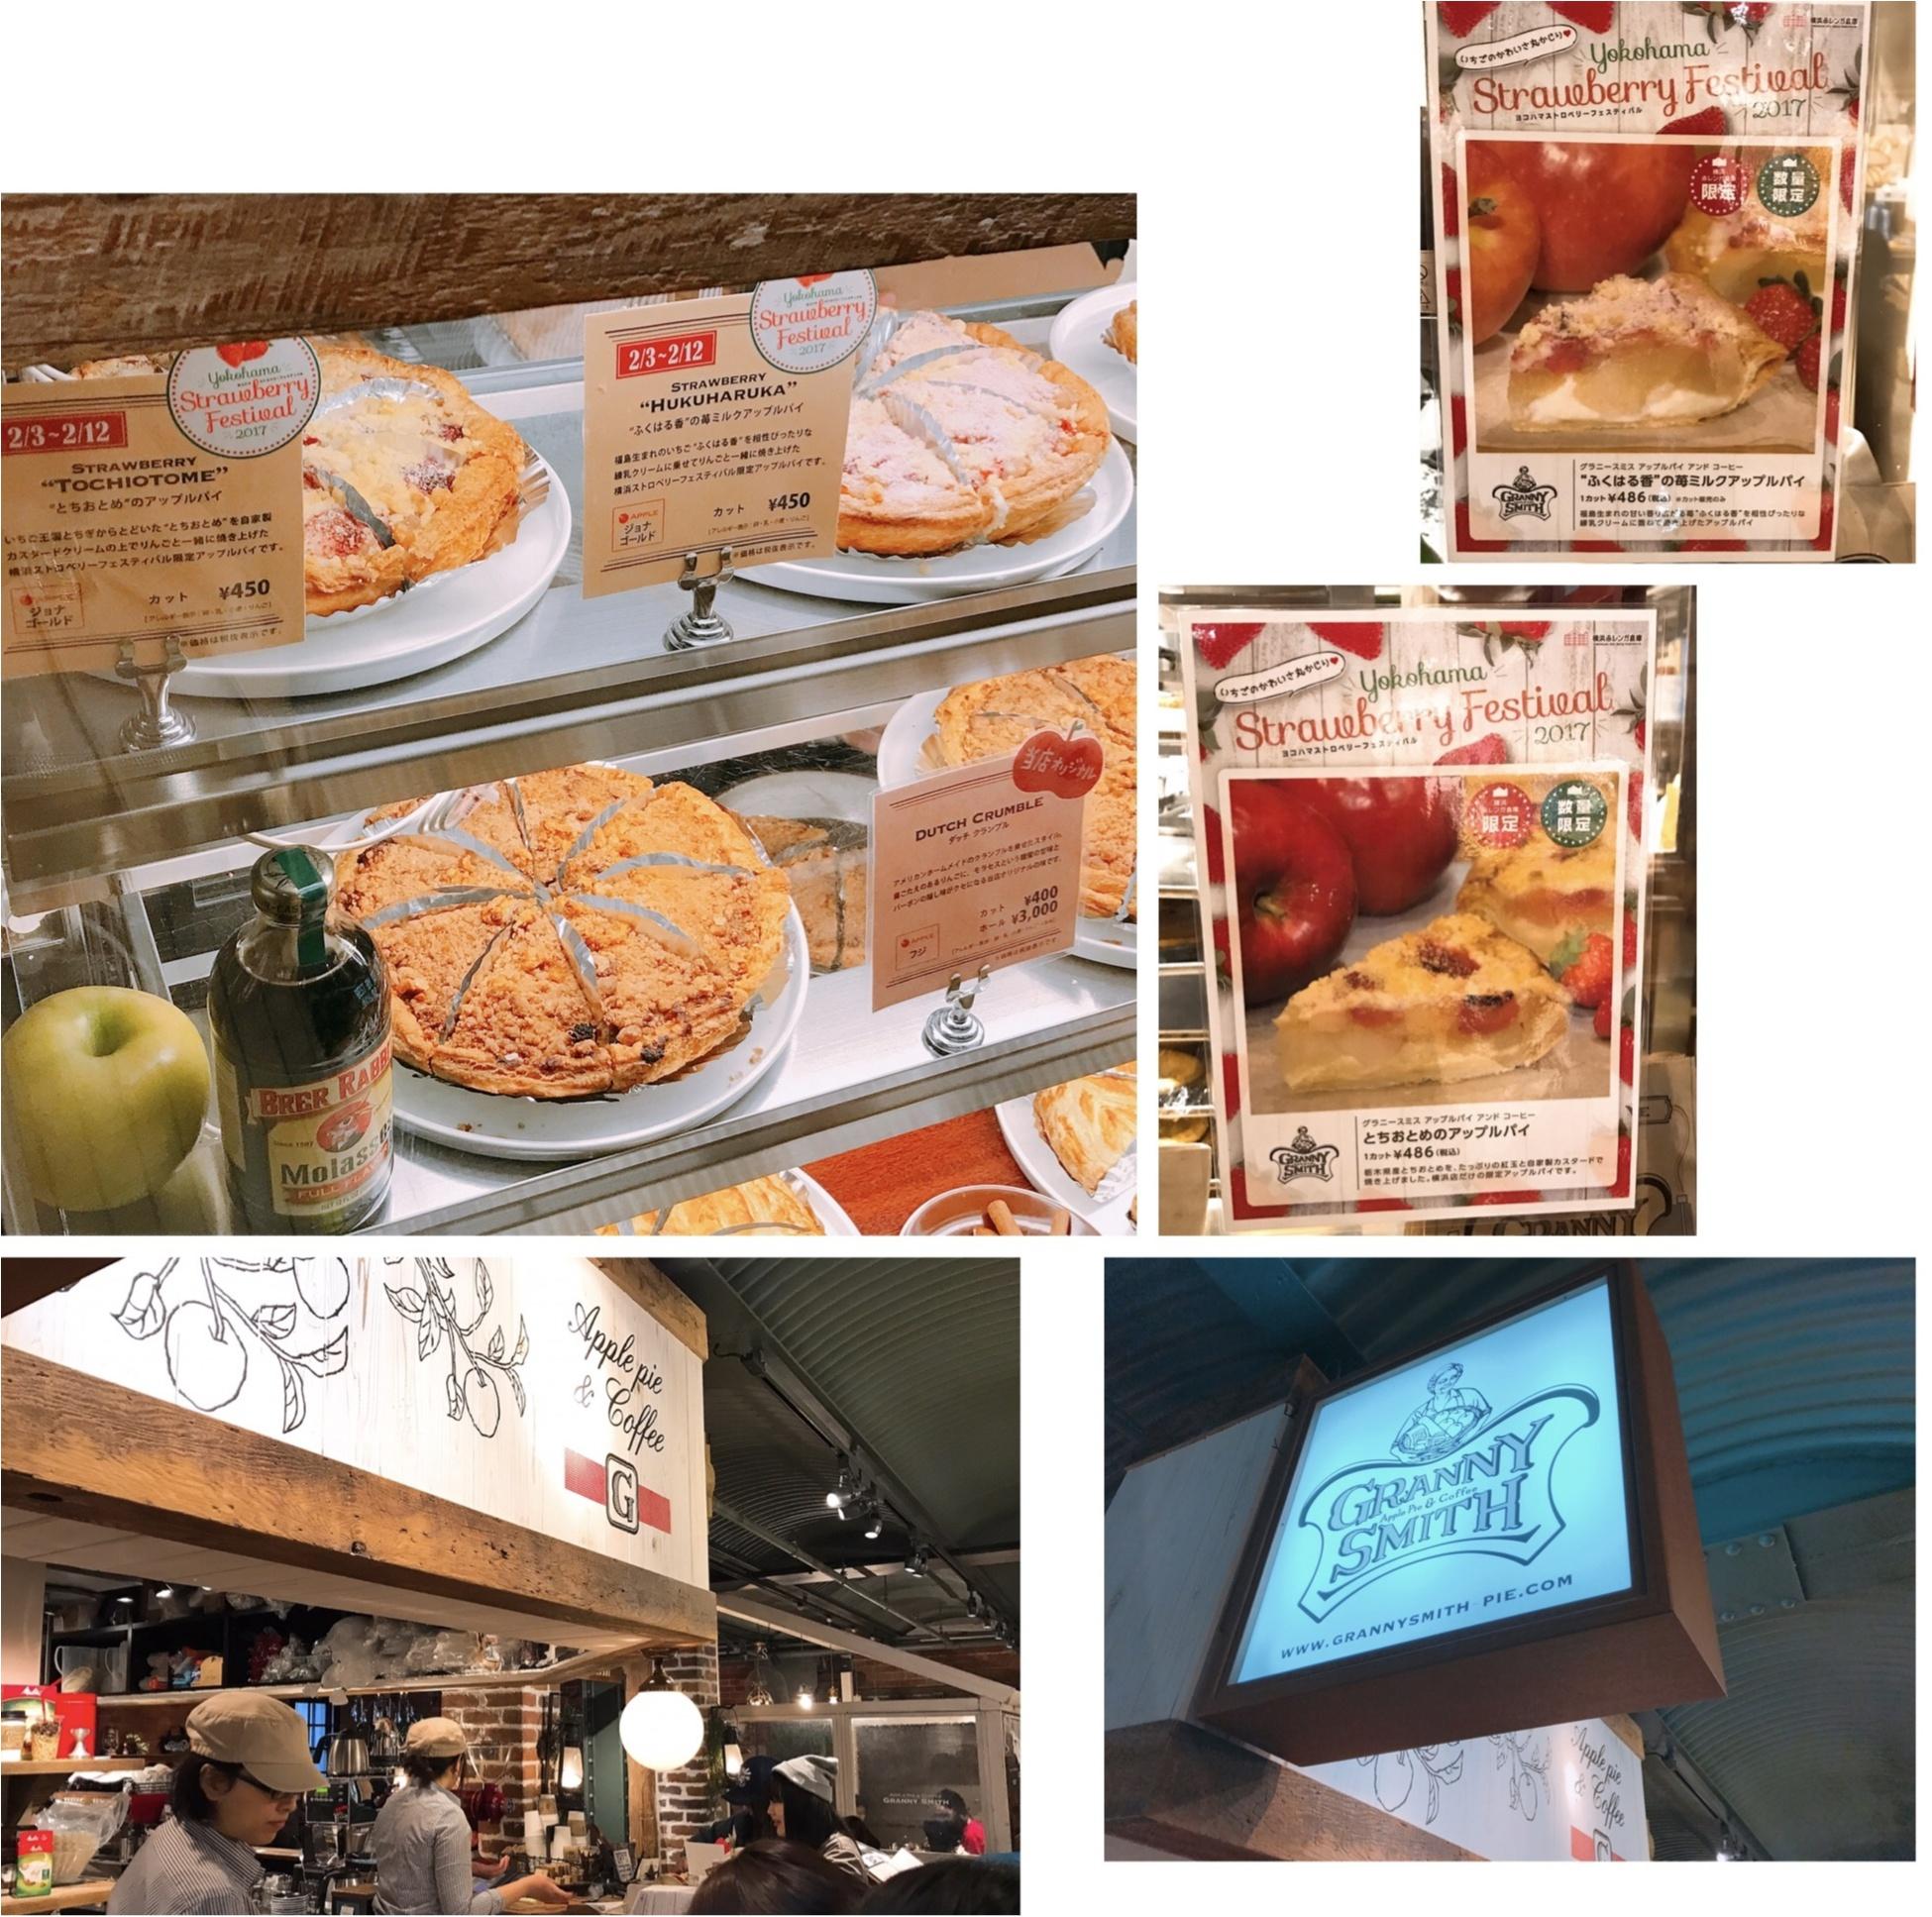 """《昨年22万人以上が訪れた‼︎》赤レンガ倉庫の""""いちごの収穫祭""""【ヨコハマ ストロベリーフェスティバル】が昨年よりパワーアップして開催中♪_6"""